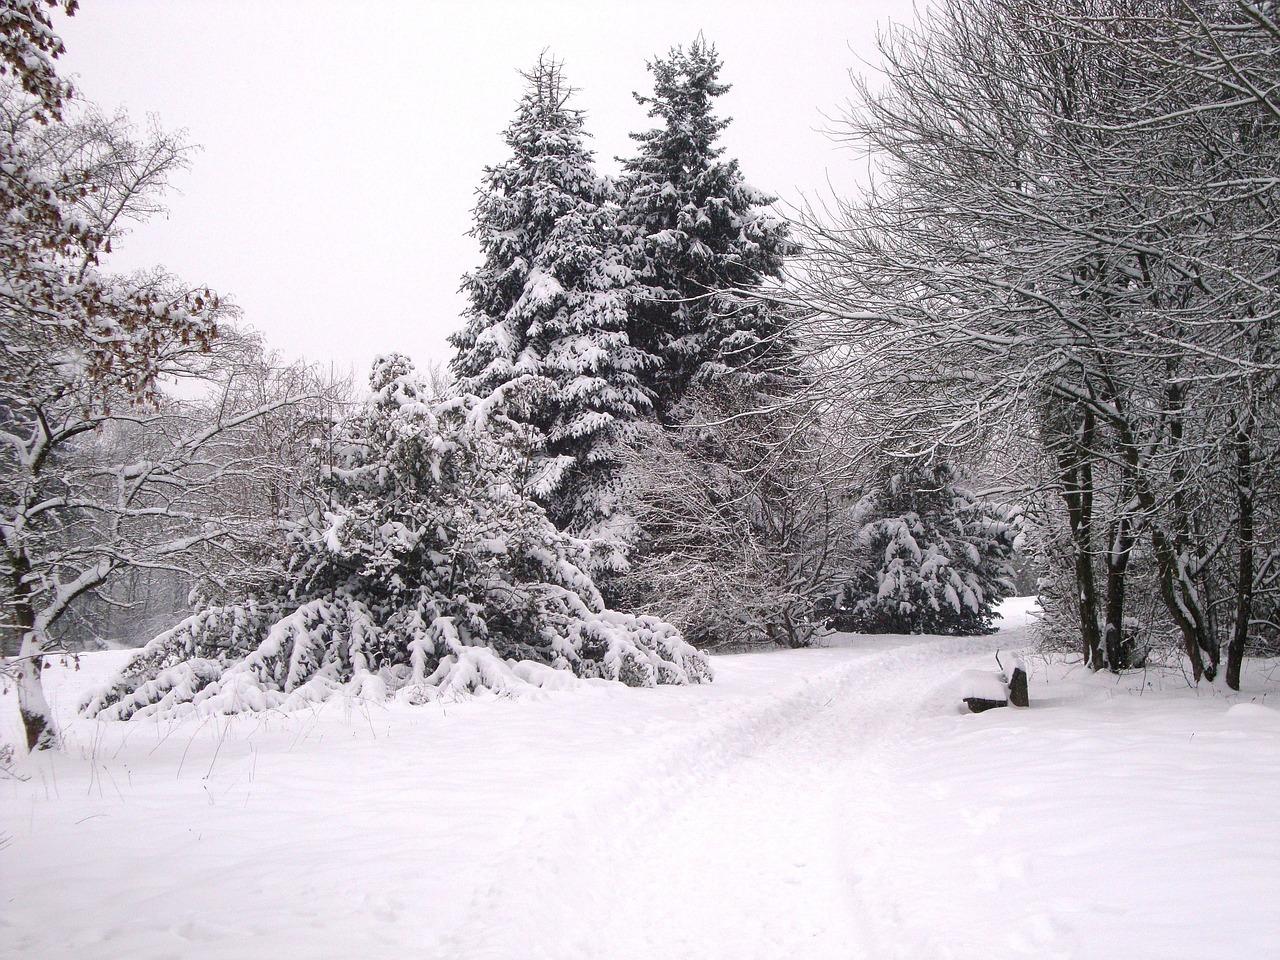 картинка зима метельная это можно компании